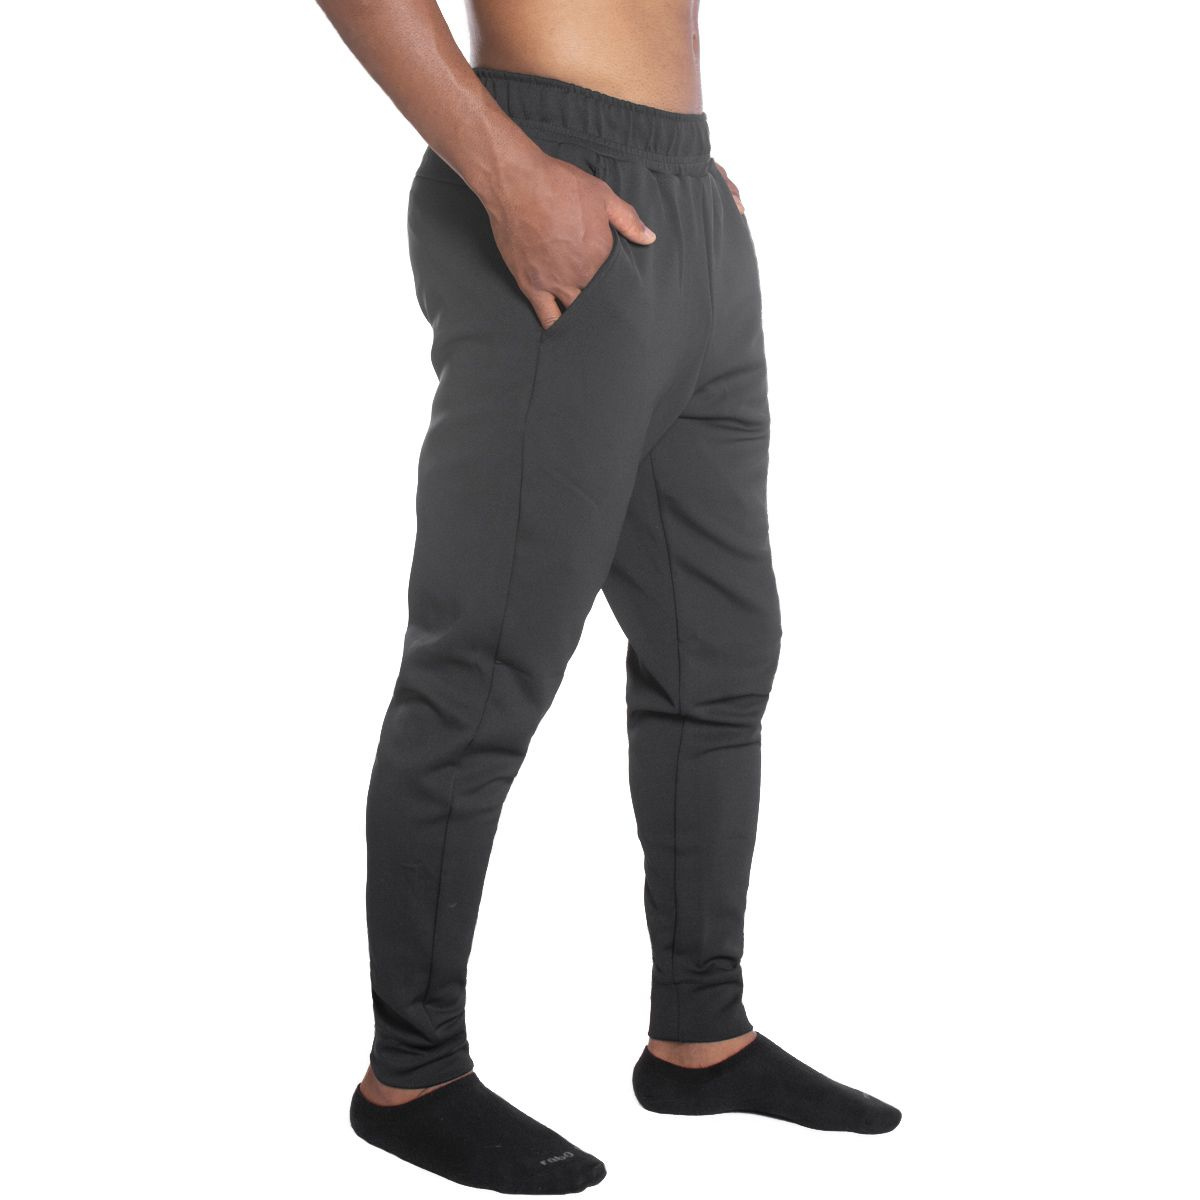 Calça masculina com punho para academia fitness Lupo .